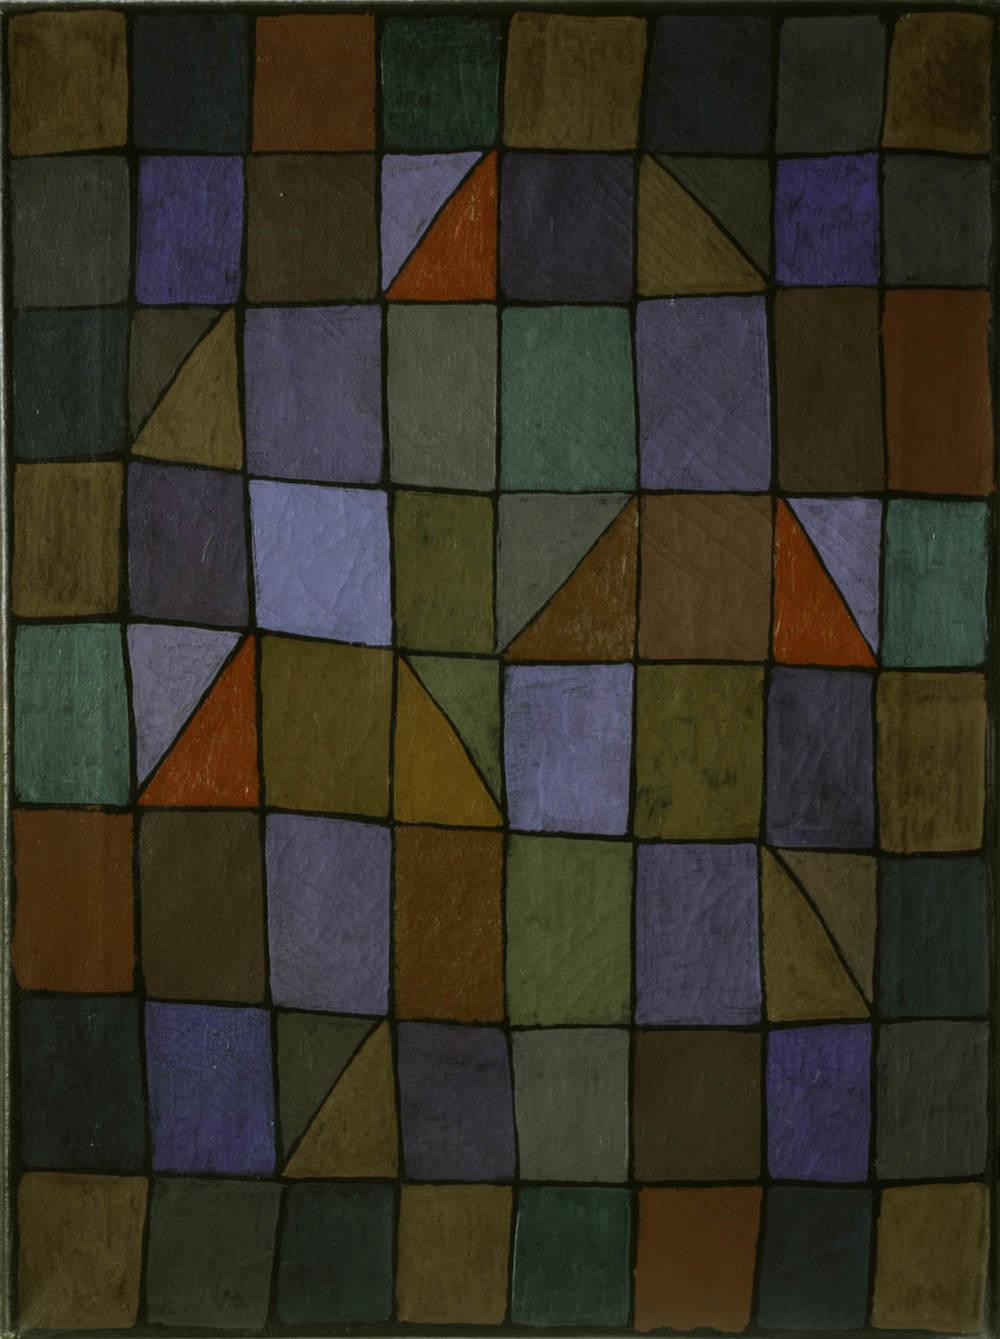 Abb. 20:Paul Klee,Abend in N, 1937, 138,Ölfarbe auf Nesseltuch,60 x 45 cm,Privatbesitz, Schweiz/Deutschland © Zentrum Paul Klee, Bern, Bildarchiv